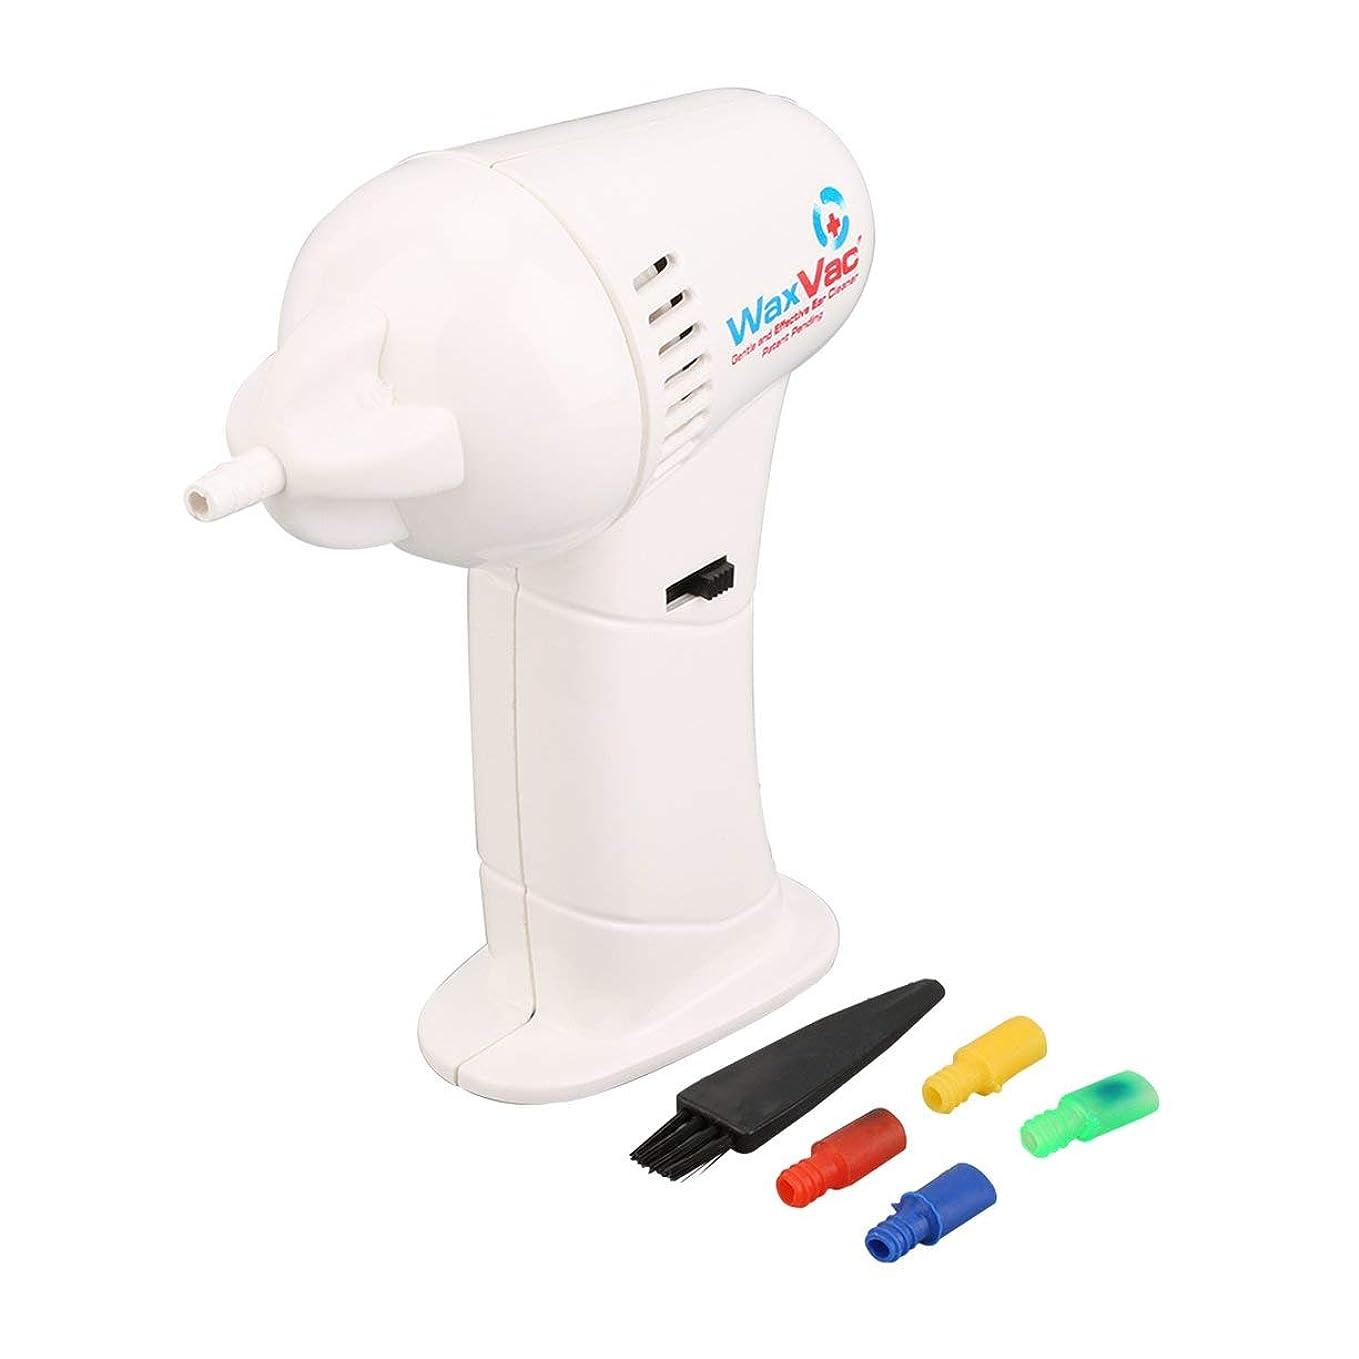 ポータブルサイズ電子耳掃除機耳ワックスVac除去安全体ソフト&安全ヘッド付きヘルスケア-ホワイト